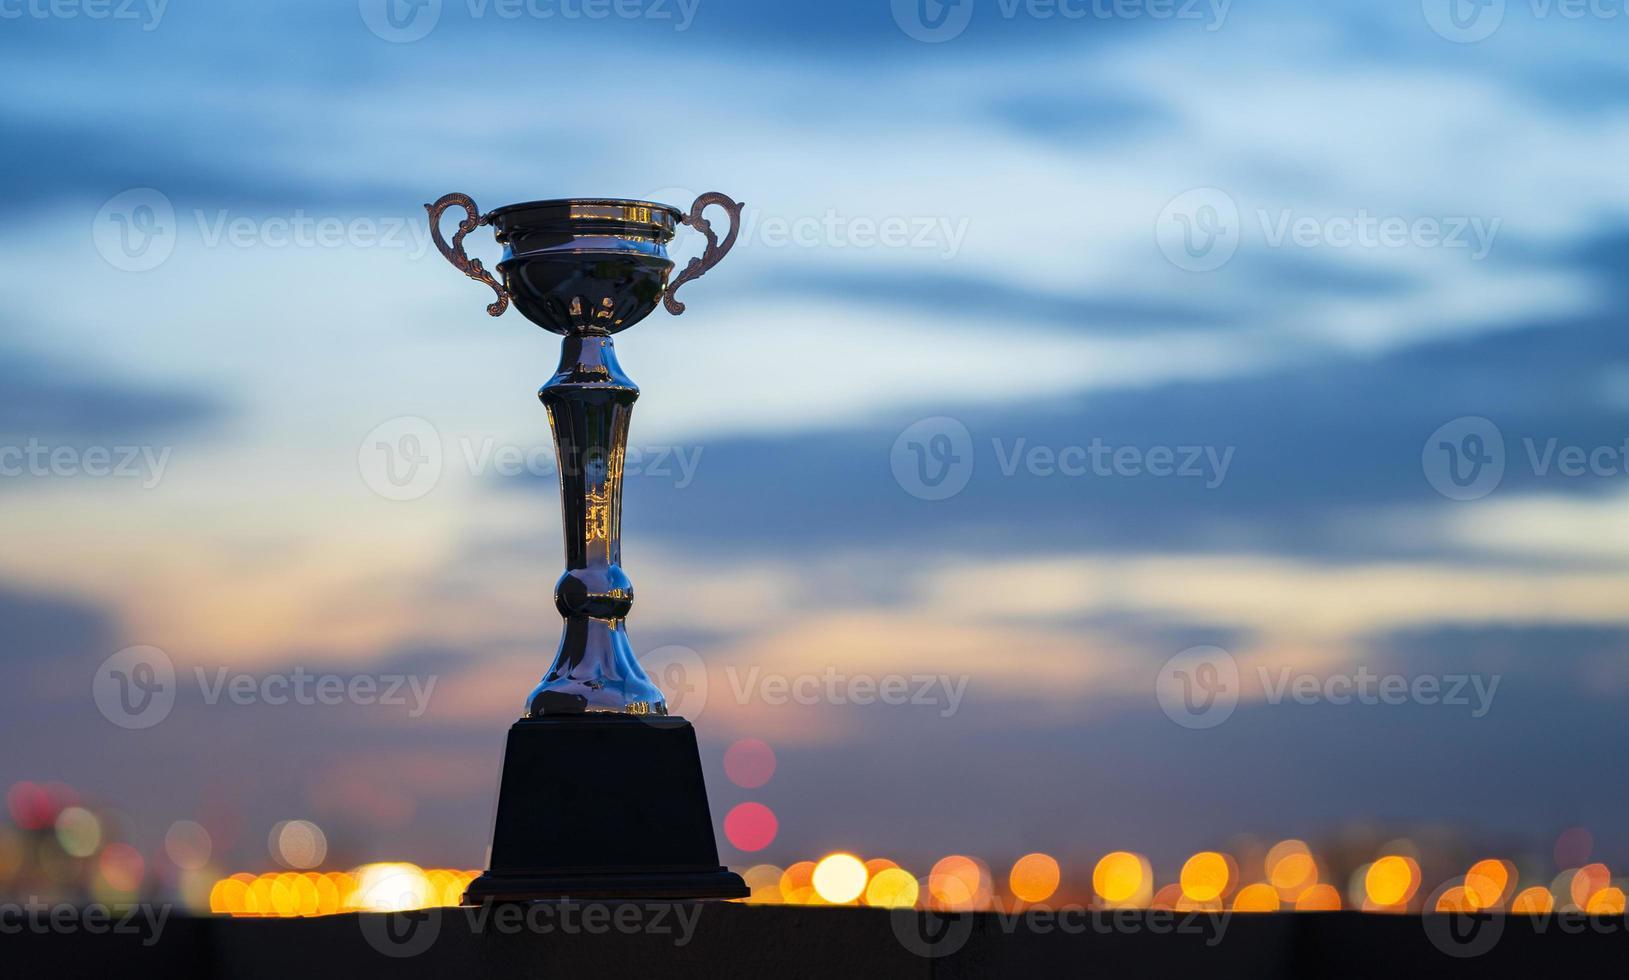 uma taça de troféu contra o fundo do céu nublado do crepúsculo foto